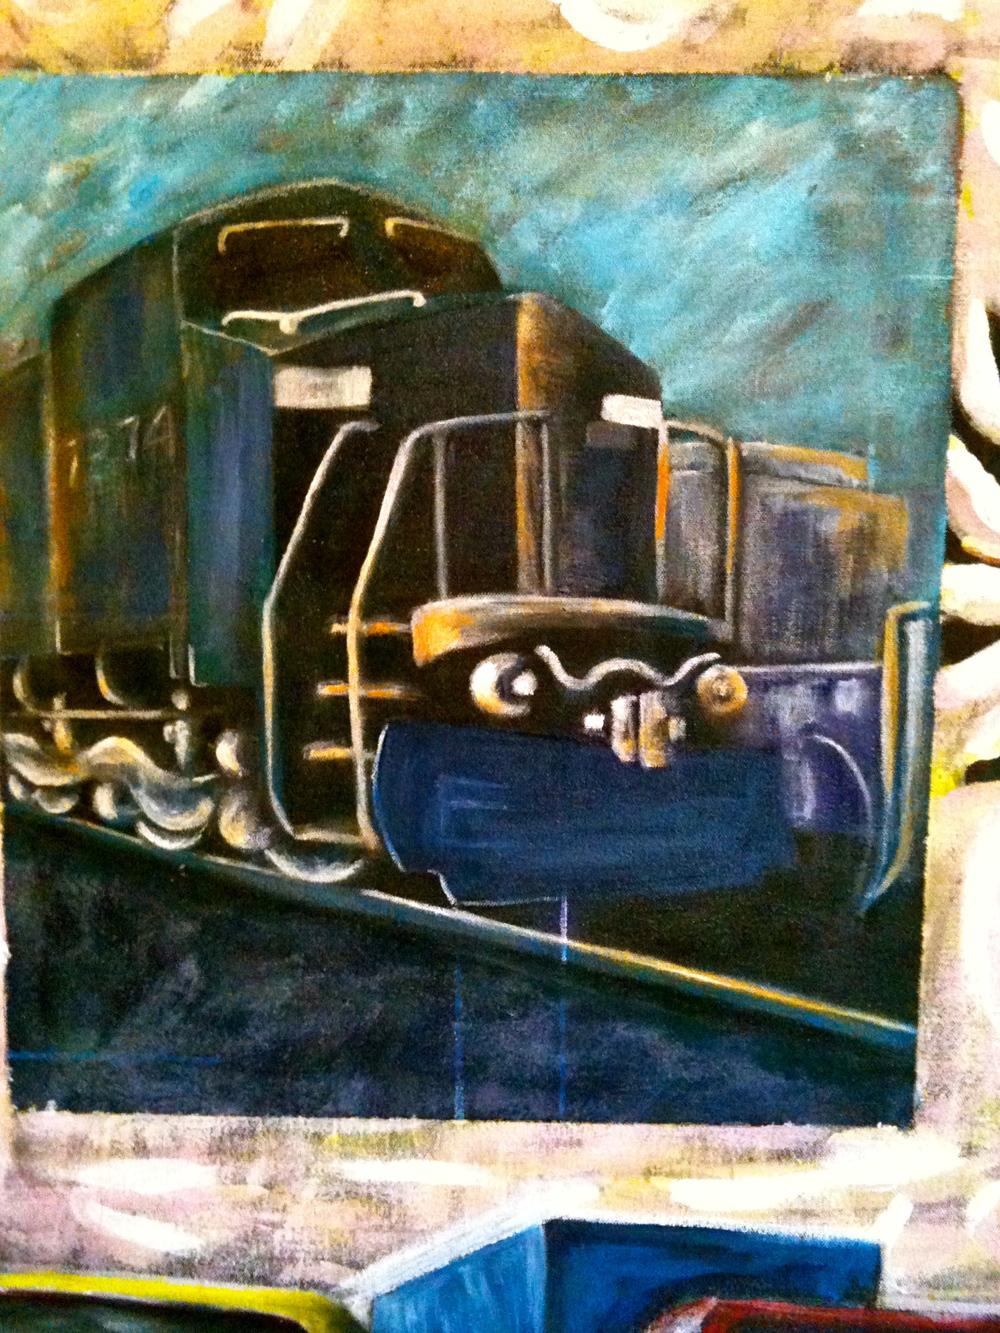 Conrail Quality I (Detail)